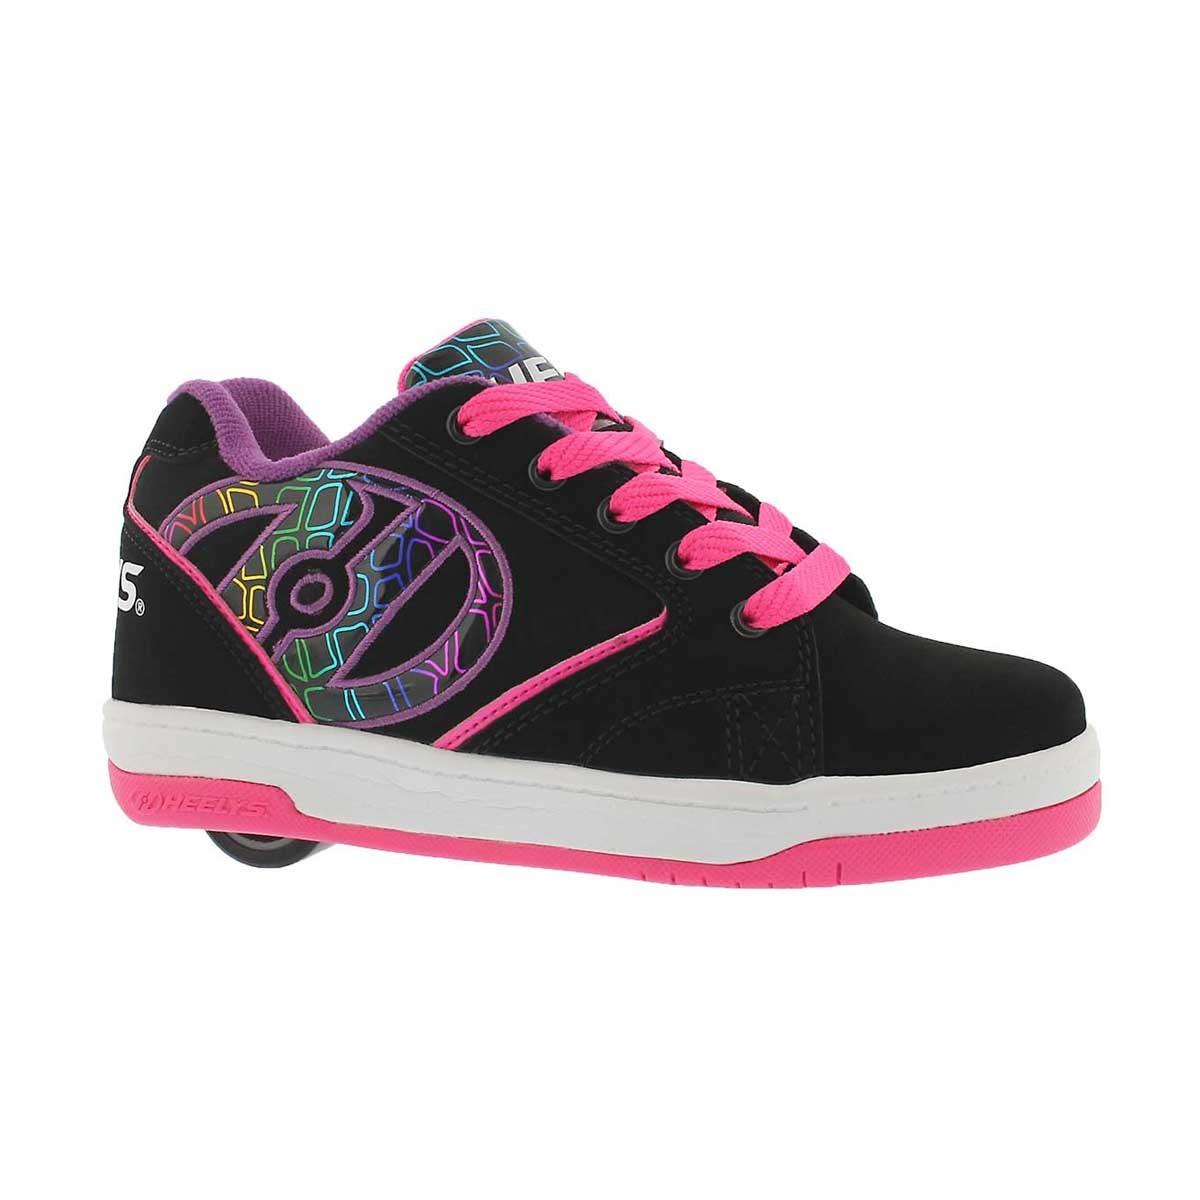 Girls' PROPEL 2.0 black/pink/purple skate sneakers